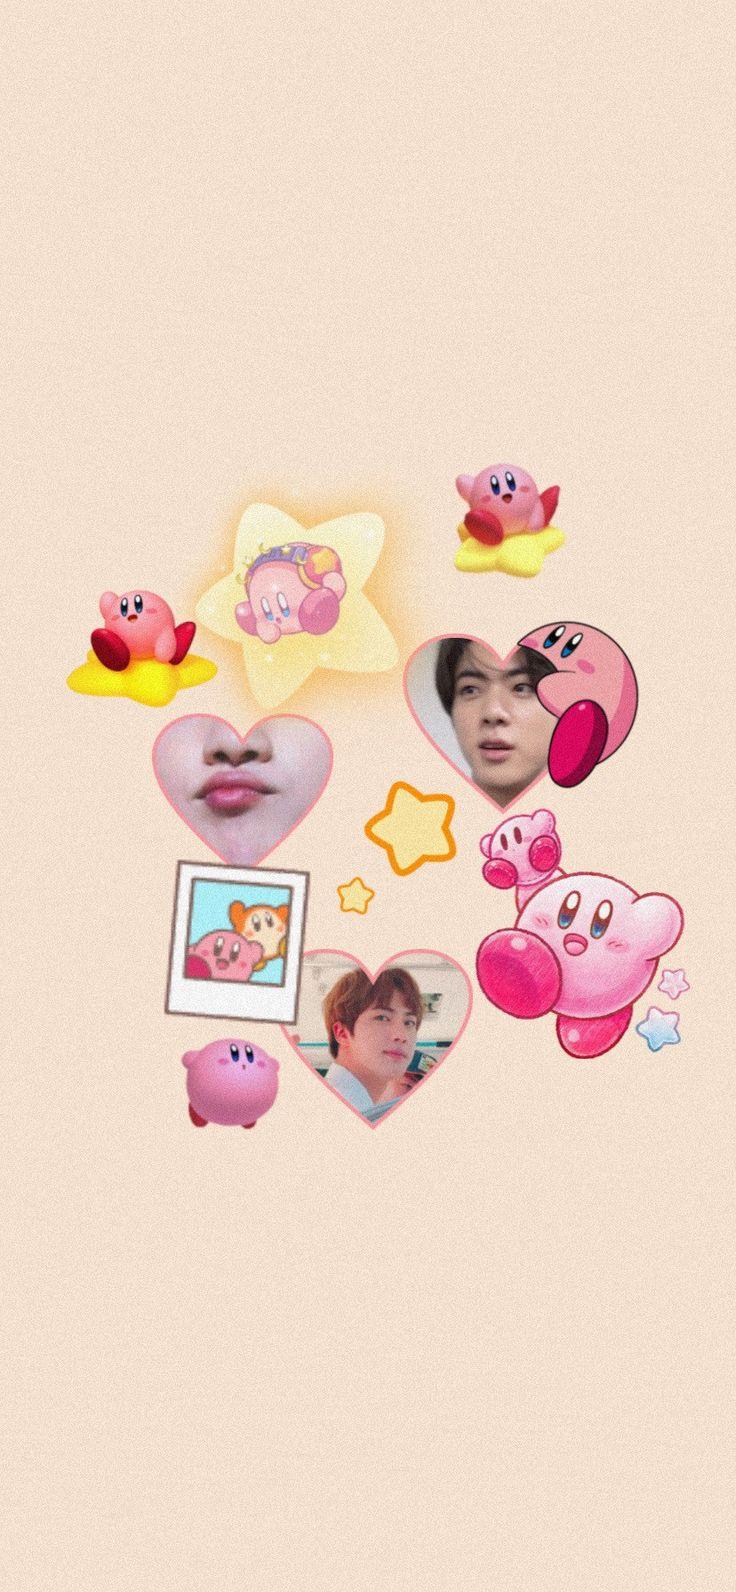 슈가♡'𝗌 𝗁𝖺𝗓𝖾𝗅 ⁷ nsfr in 2020 Cute wallpapers, Bts